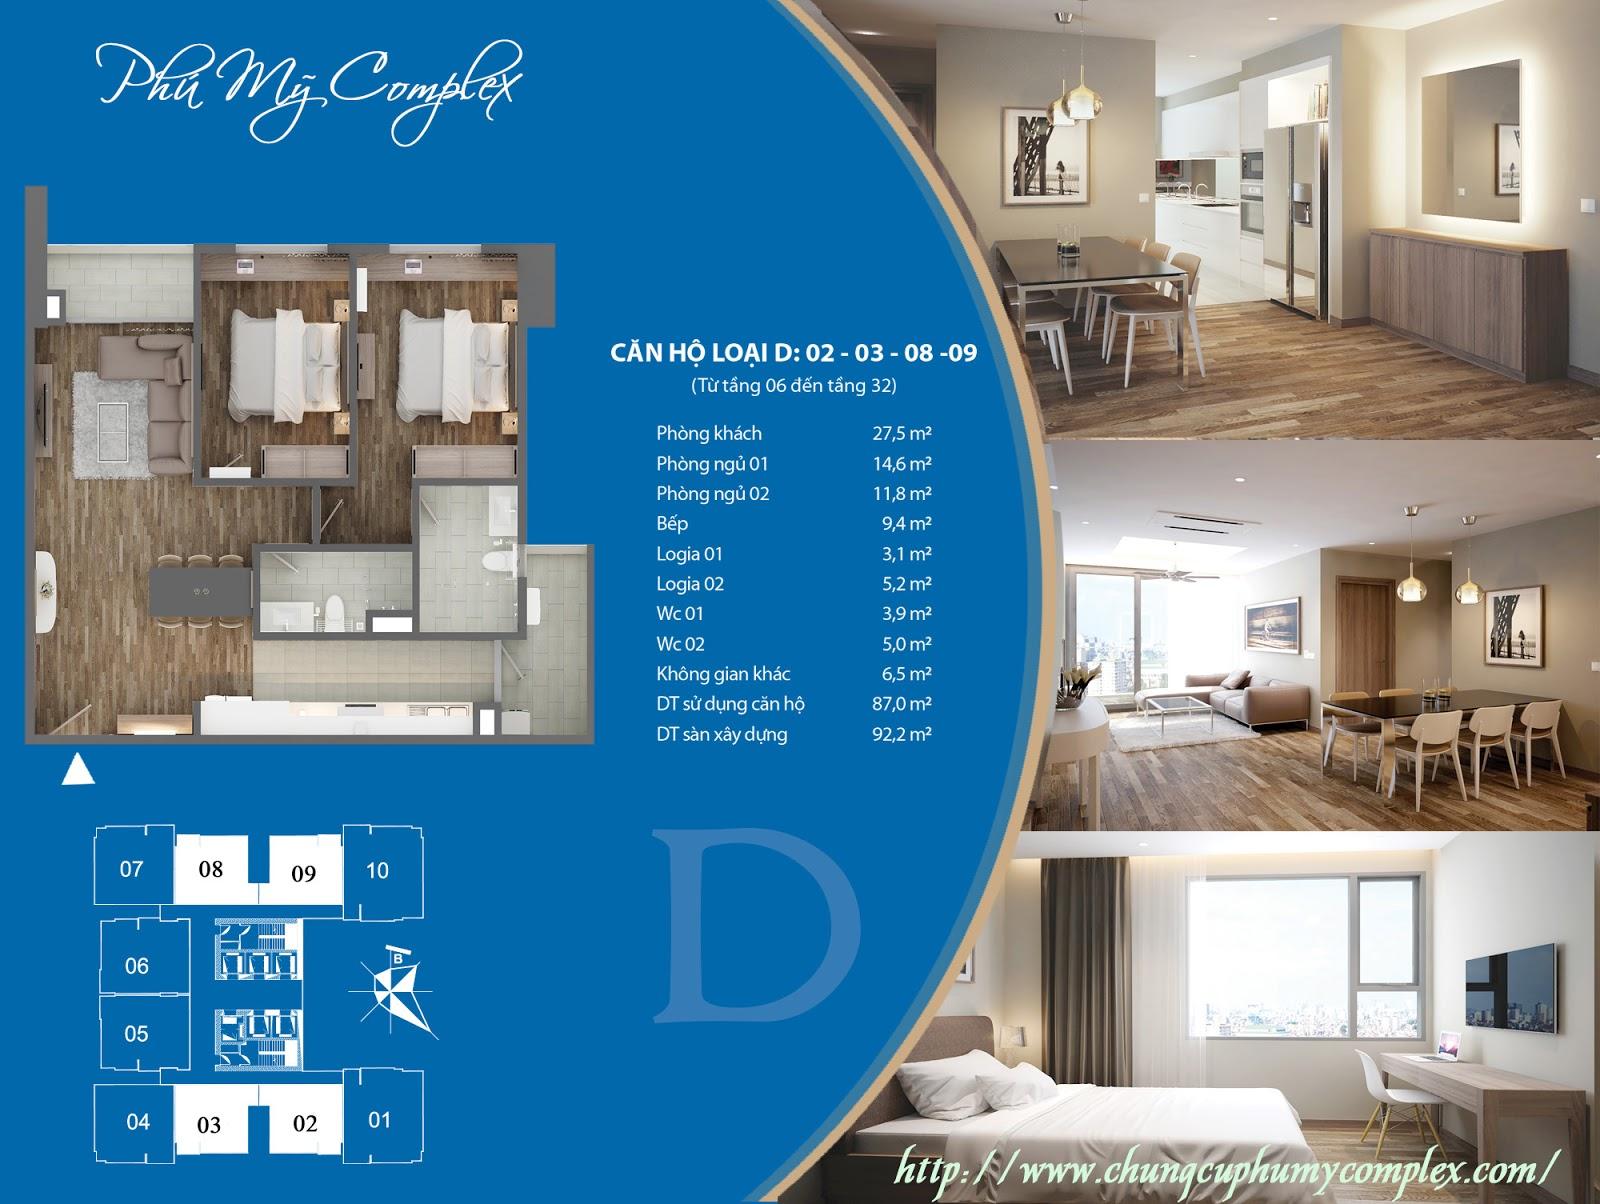 Bán căn 2308 Phú Mỹ Complex - Giá bán 32tr/m2